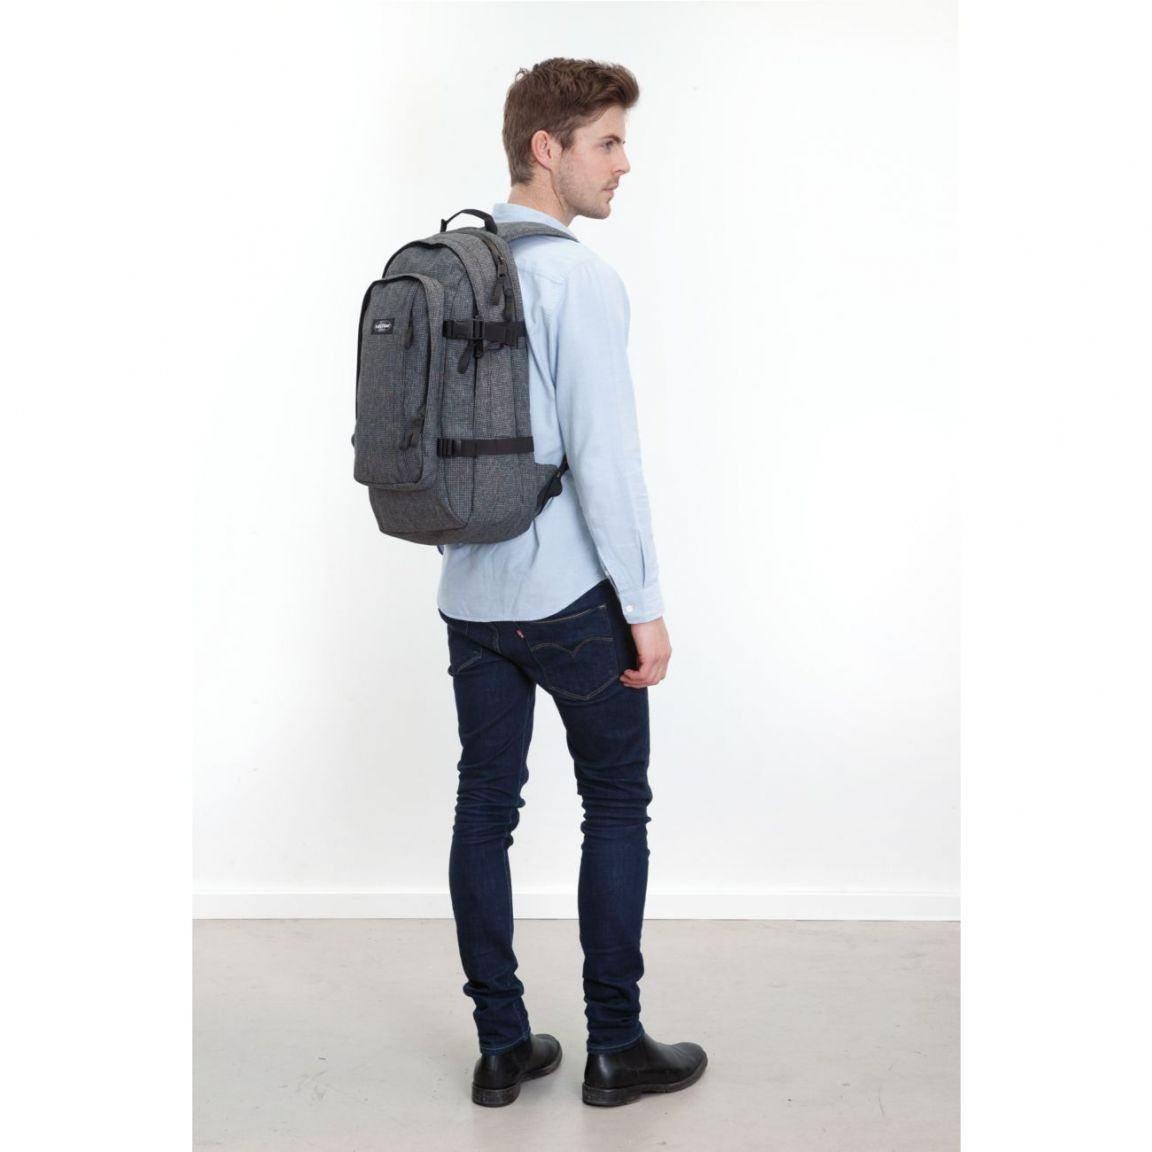 Rucksack Laptopfach Eastpak Evanz Corlange Jeans blau